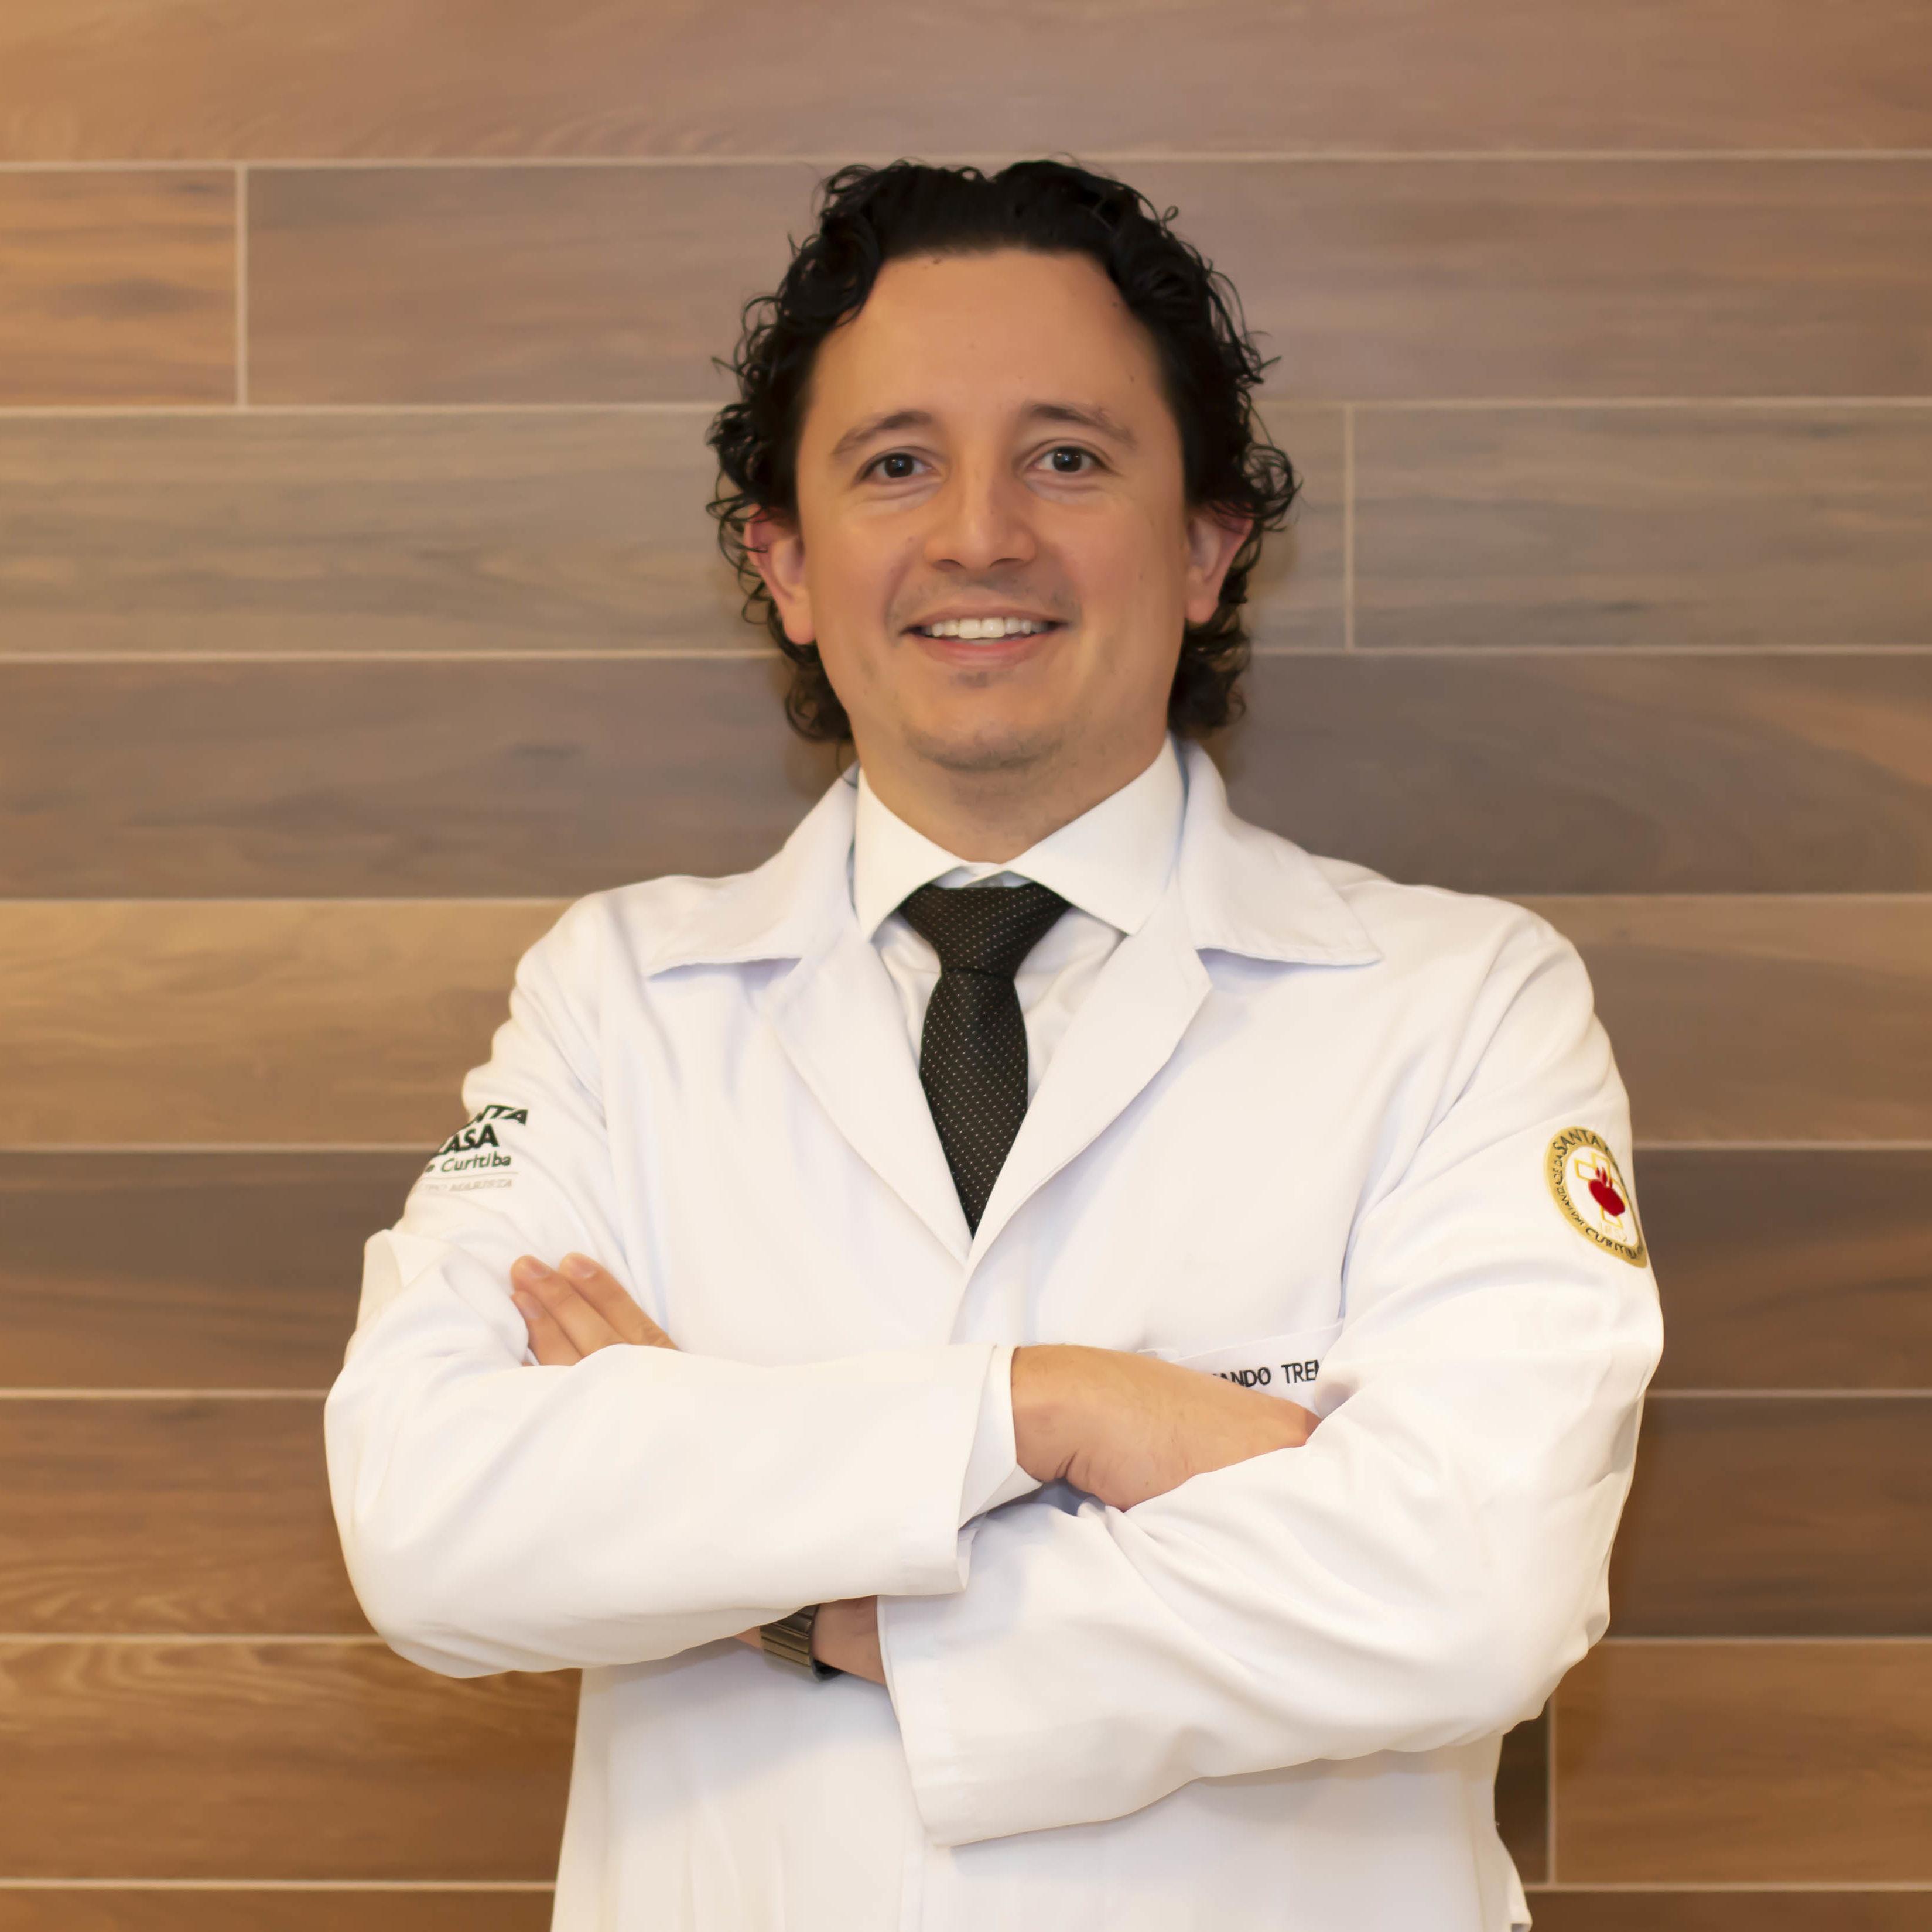 Dr. Fernando Tremel